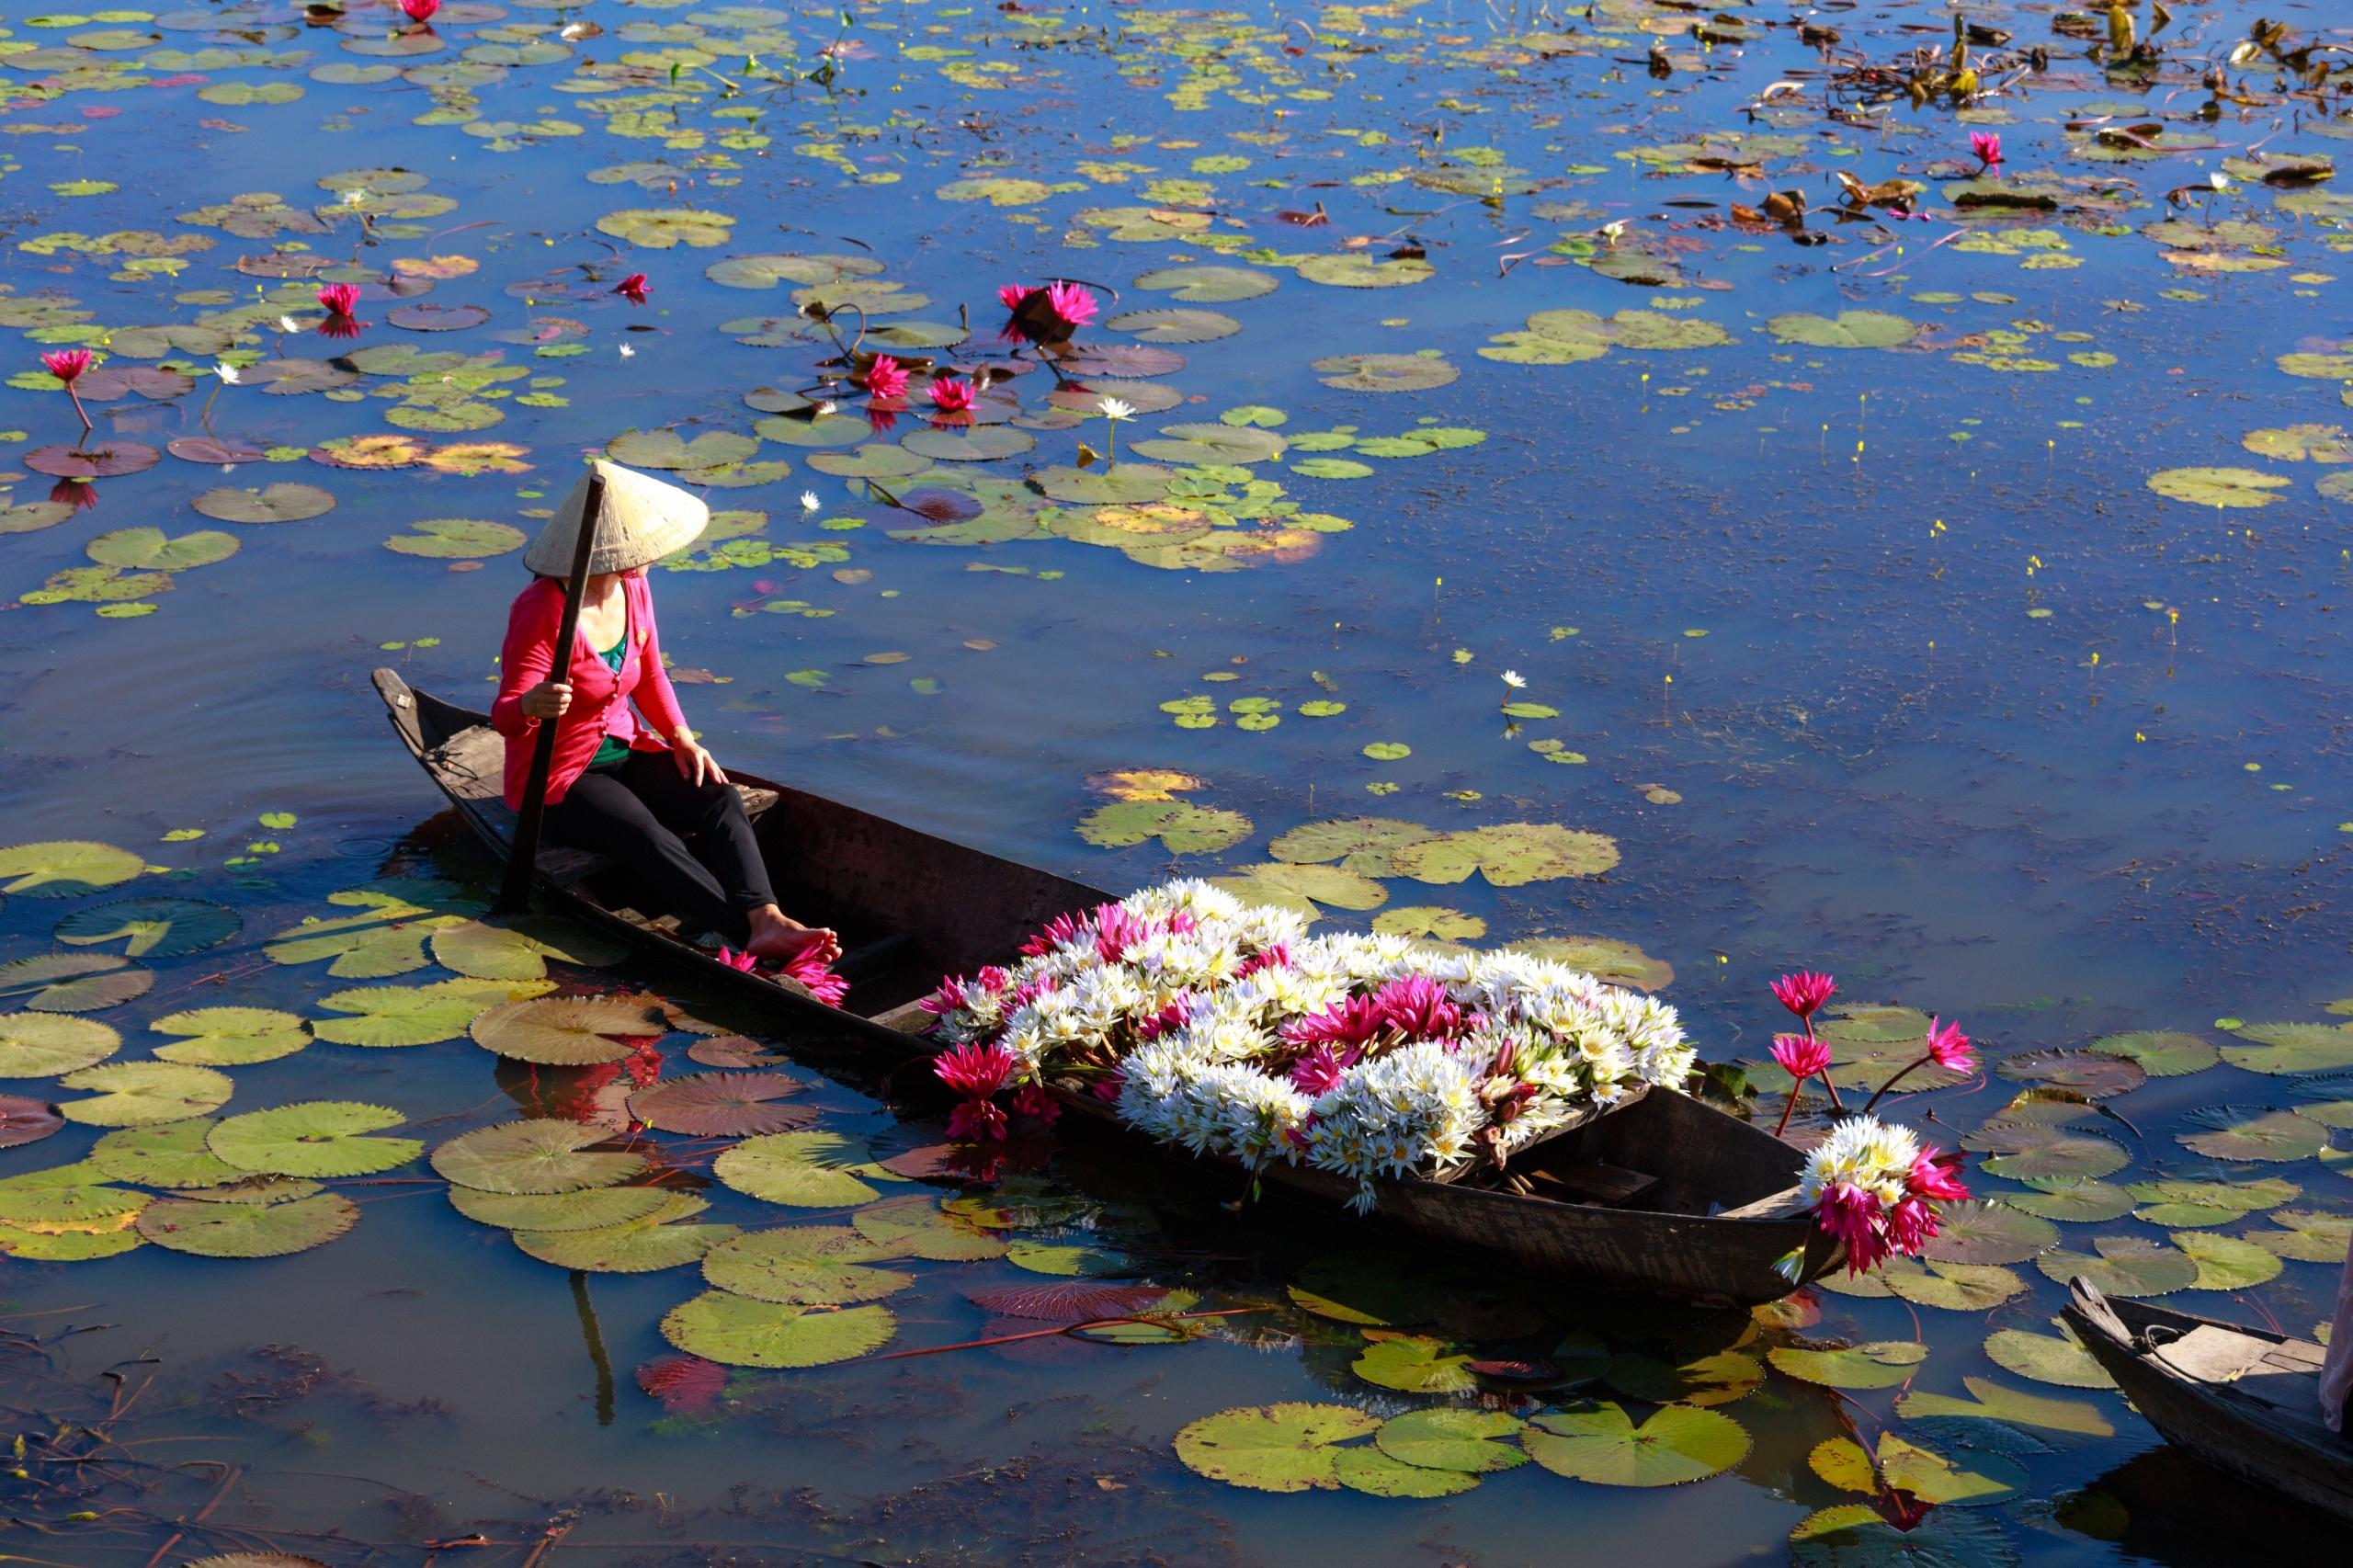 Фотография Работа шляпе Озеро Азиаты цветок Кувшинки Лодки 2560x1706 работают работает Шляпа шляпы Цветы азиатка азиатки Водяные лилии